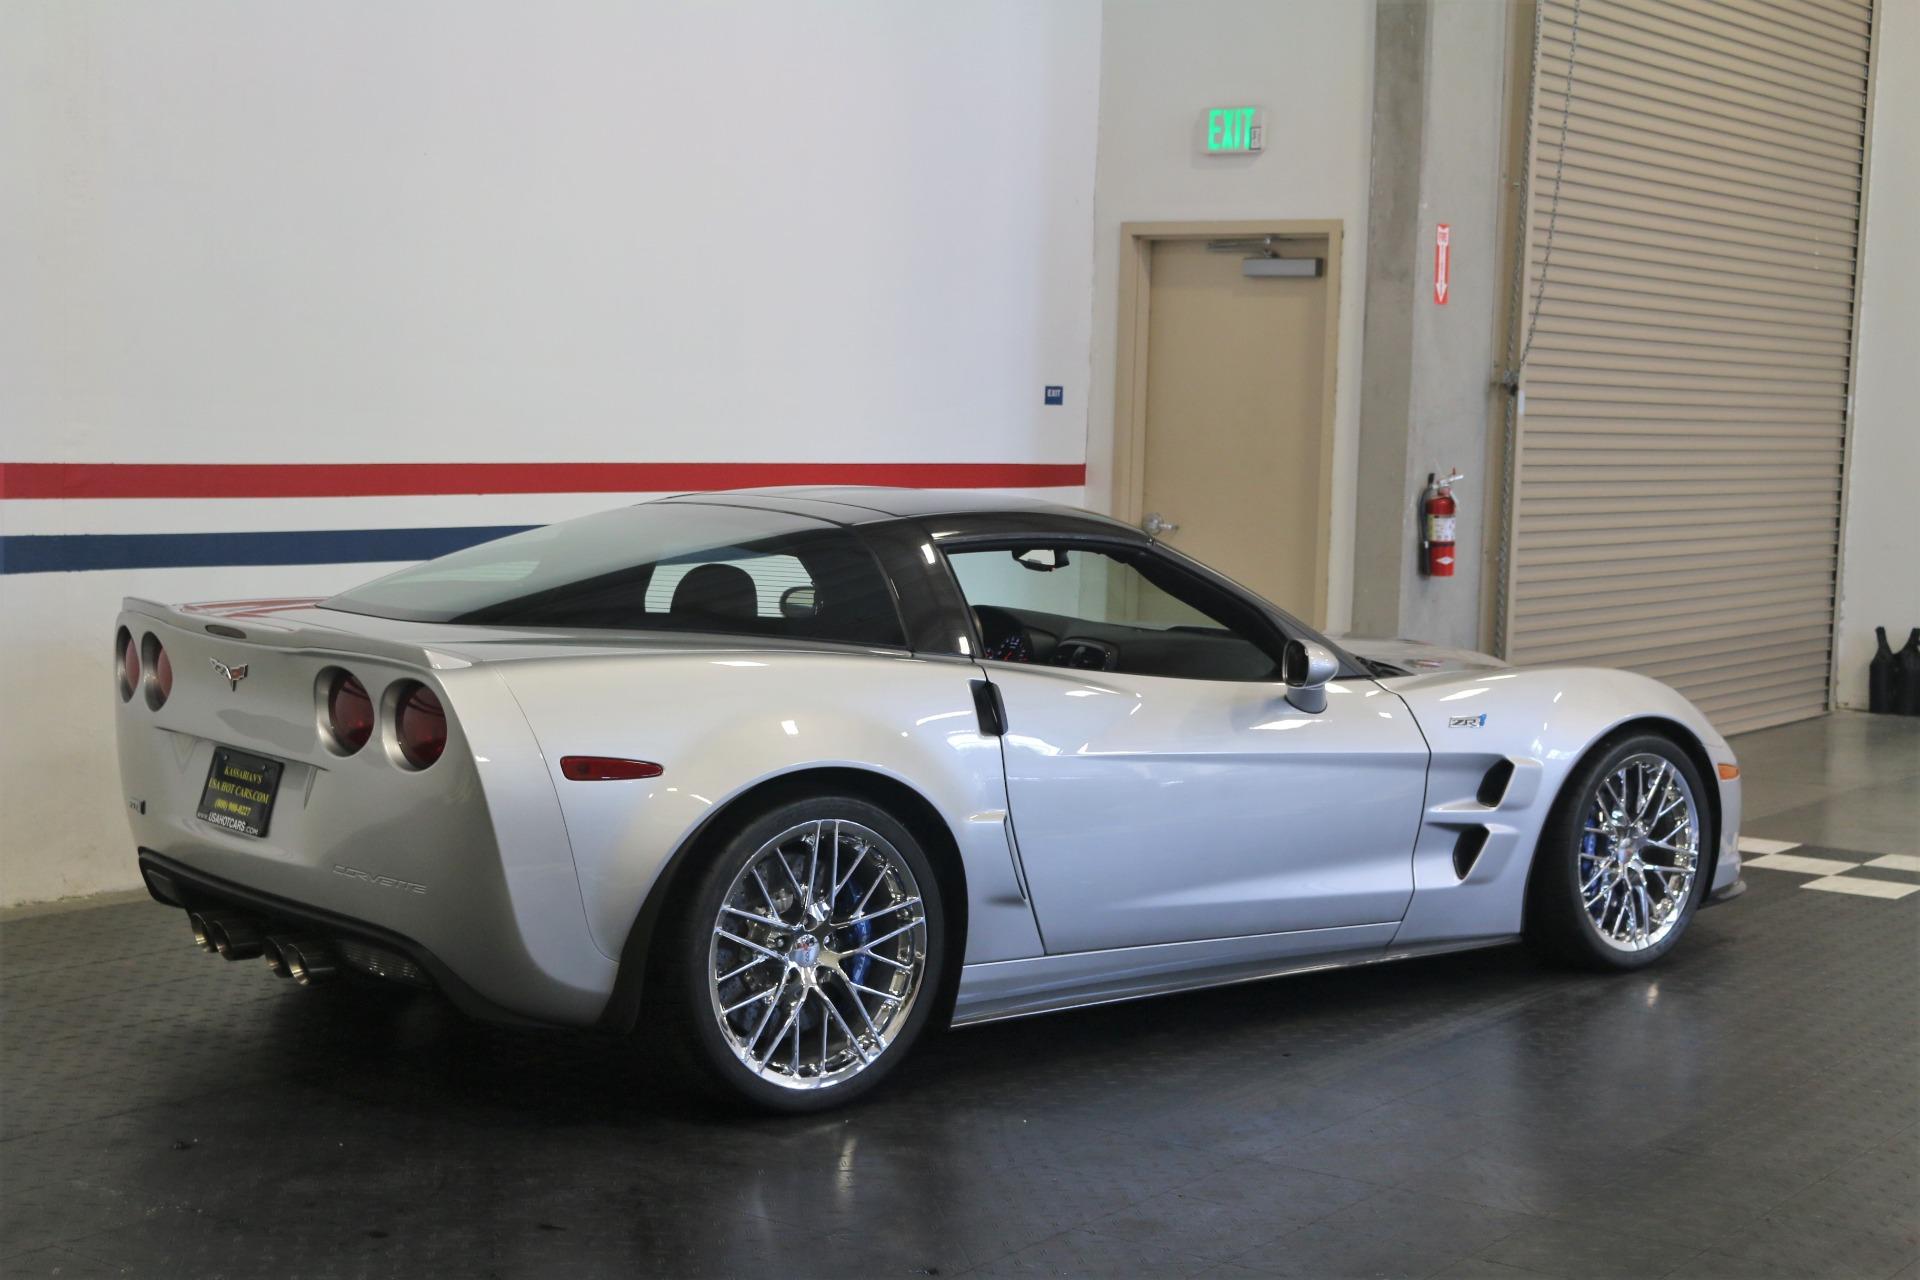 Used-2011-Chevrolet-Corvette-ZR1